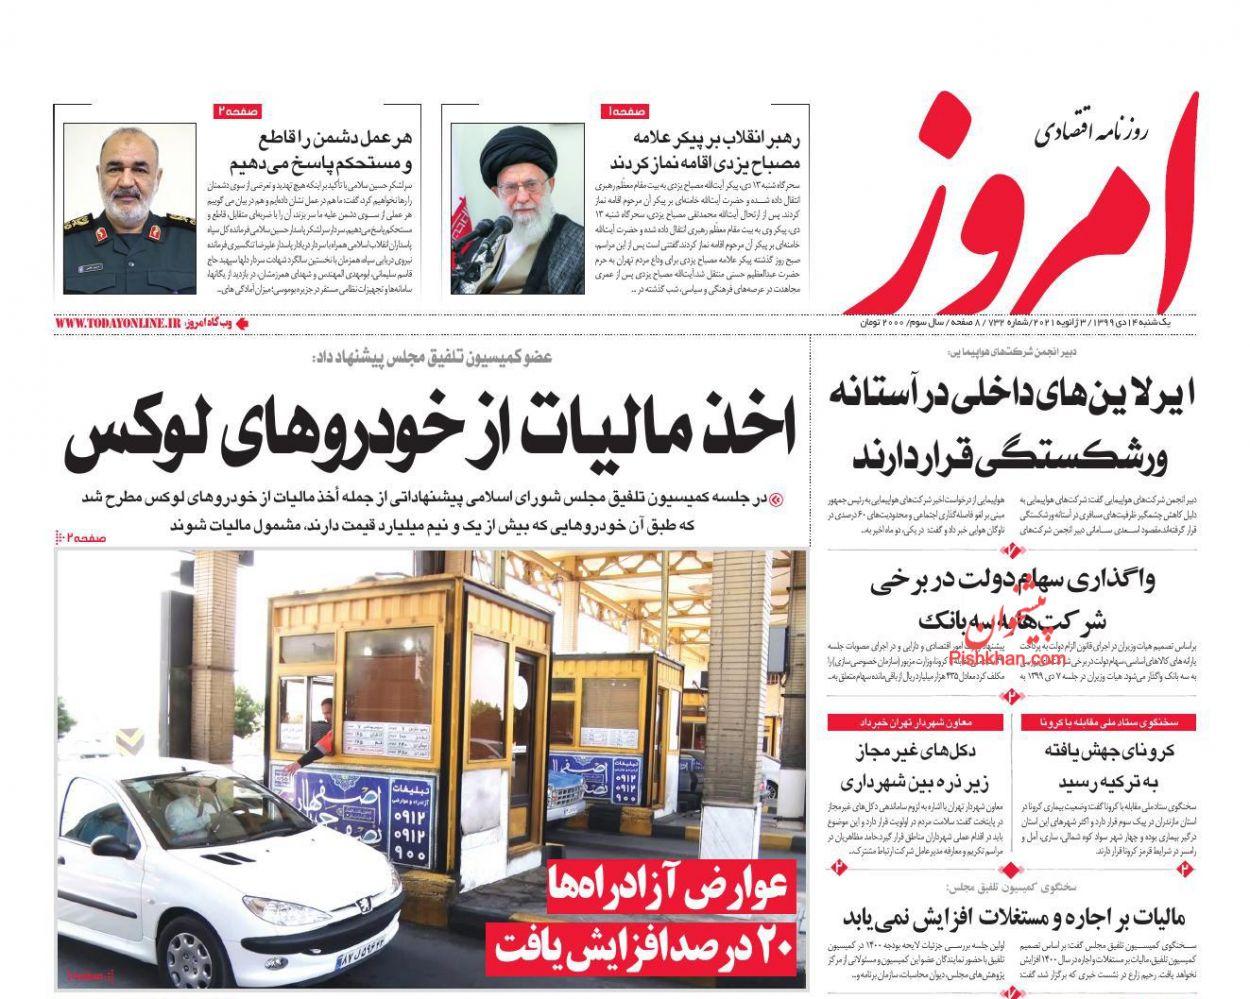 عناوین اخبار روزنامه امروز در روز یکشنبه ۱۴ دی